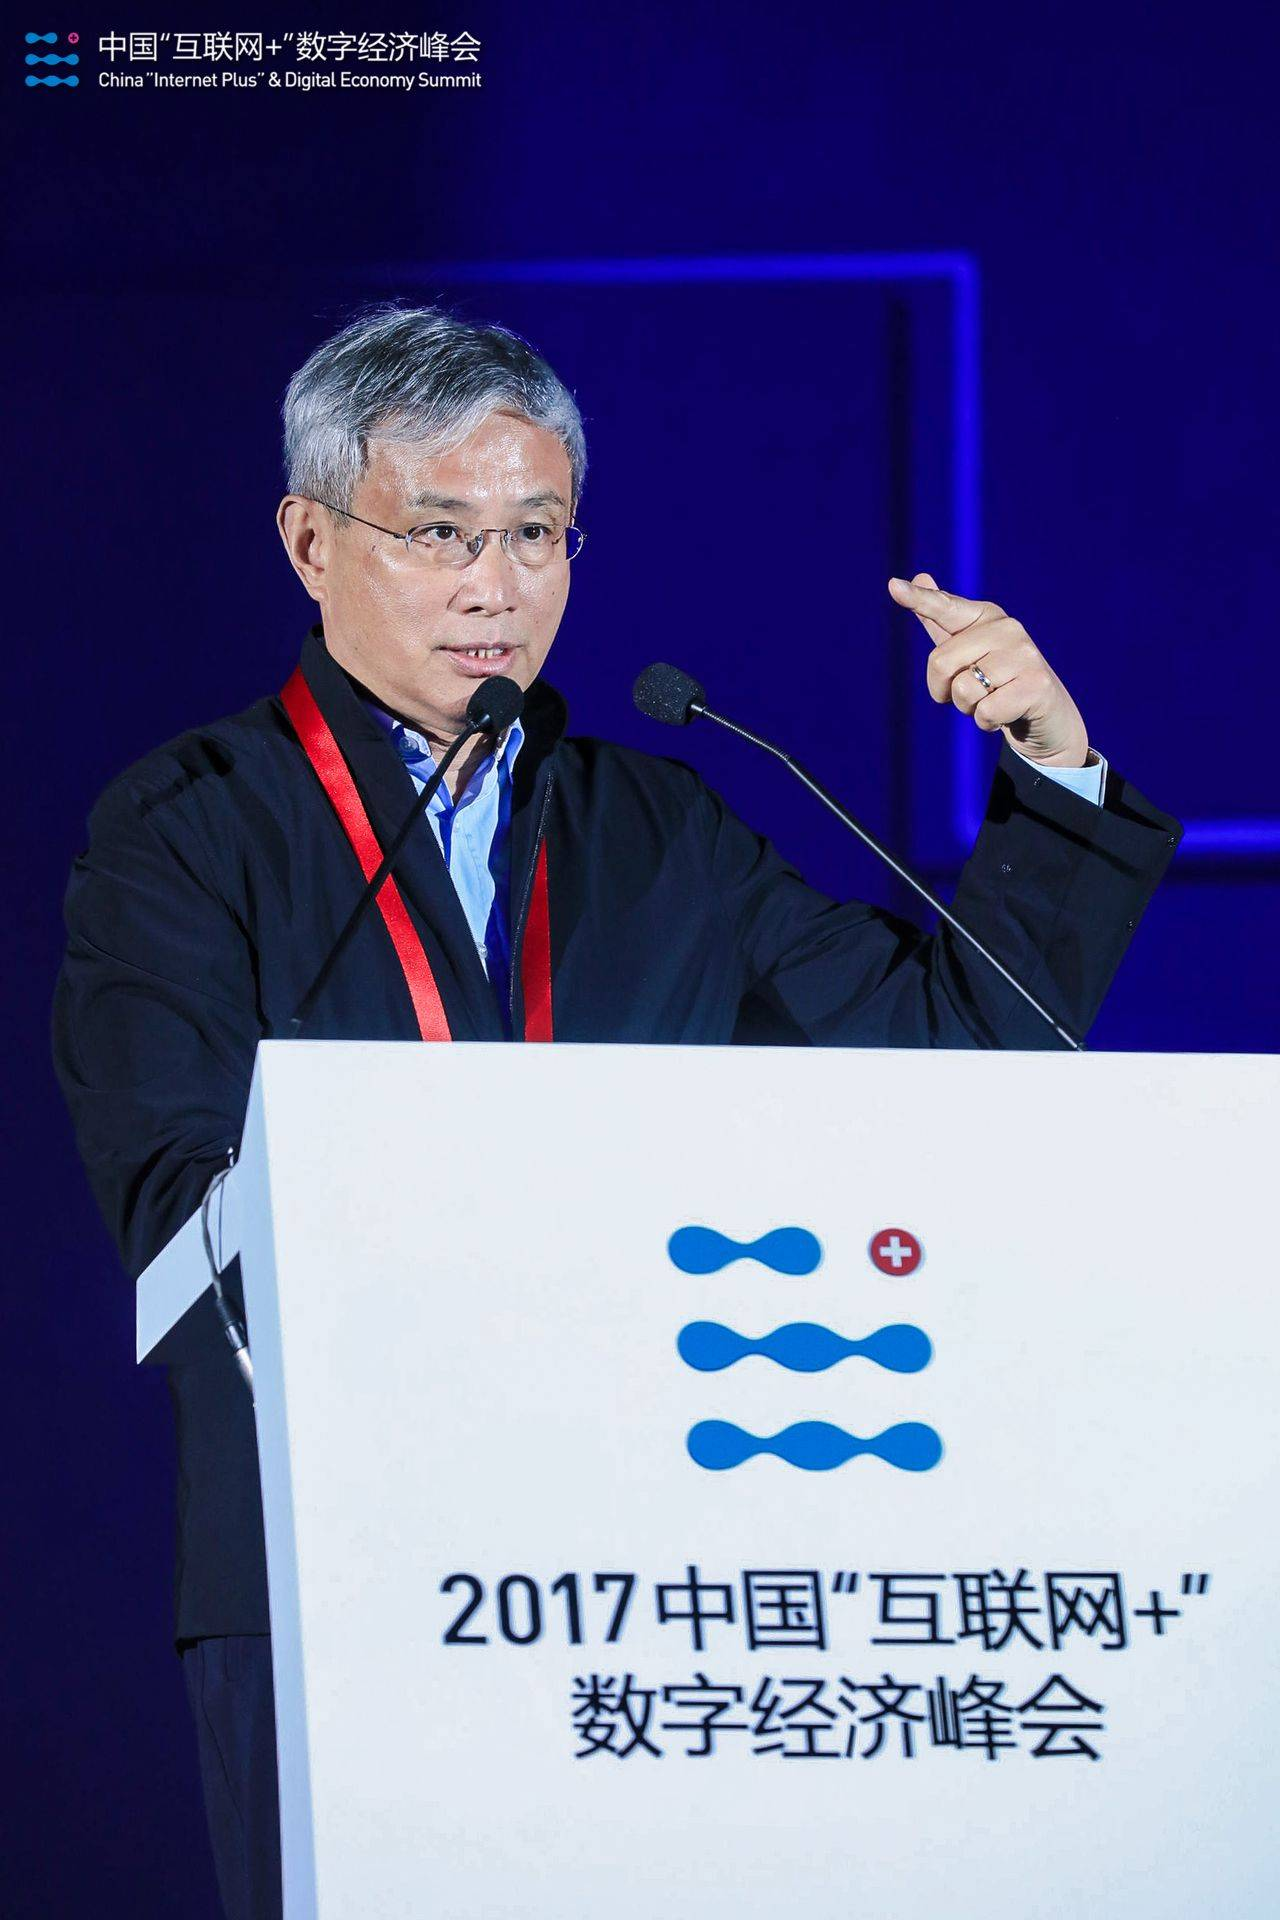 最新演讲!周其仁:怎么用数字技术解决中国问题?